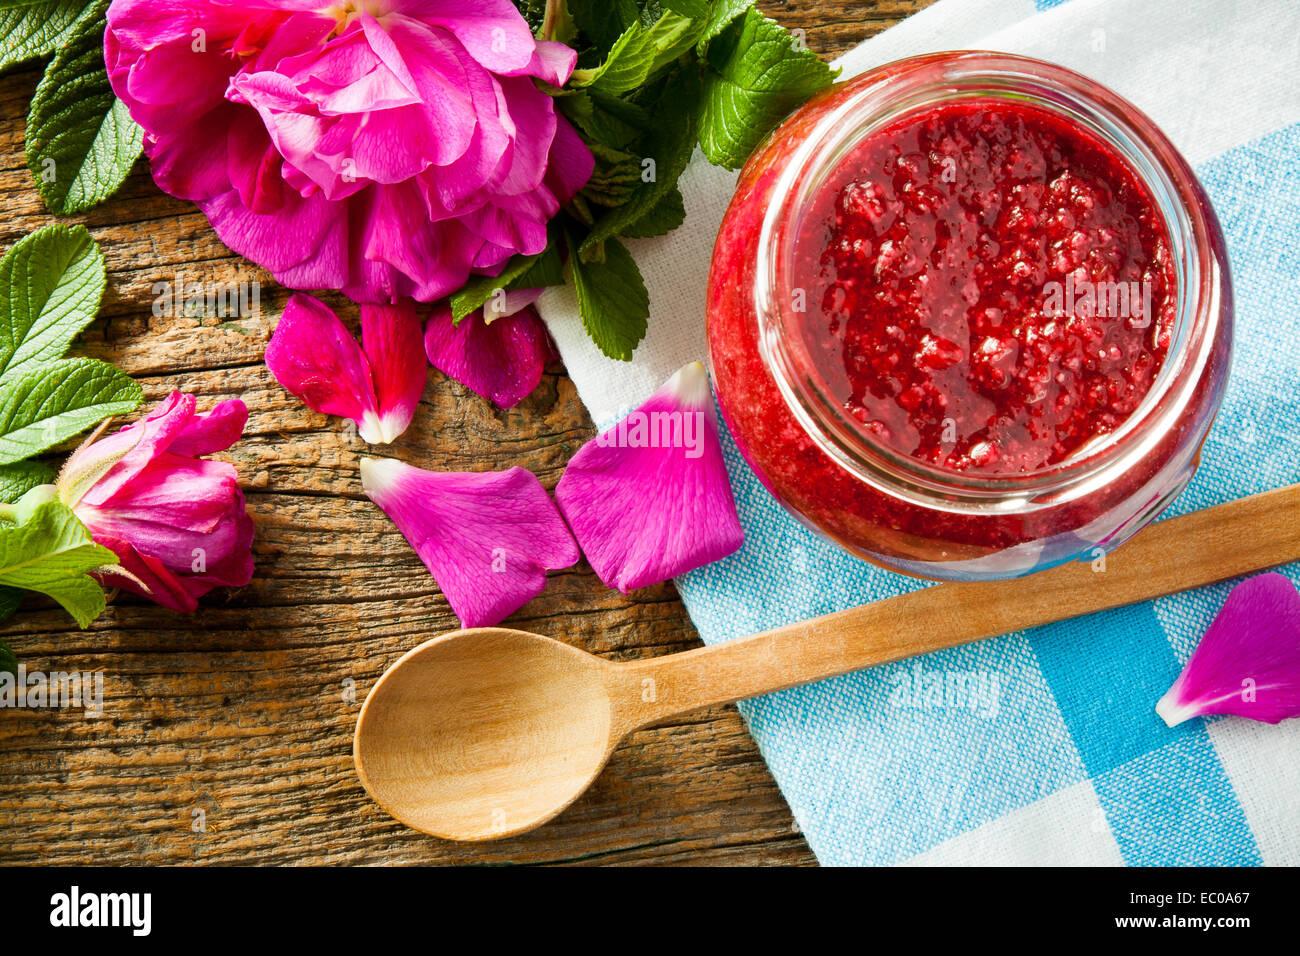 Des confitures faites à partir de damas rose pétale sur table en bois. Selective focus Photo Stock